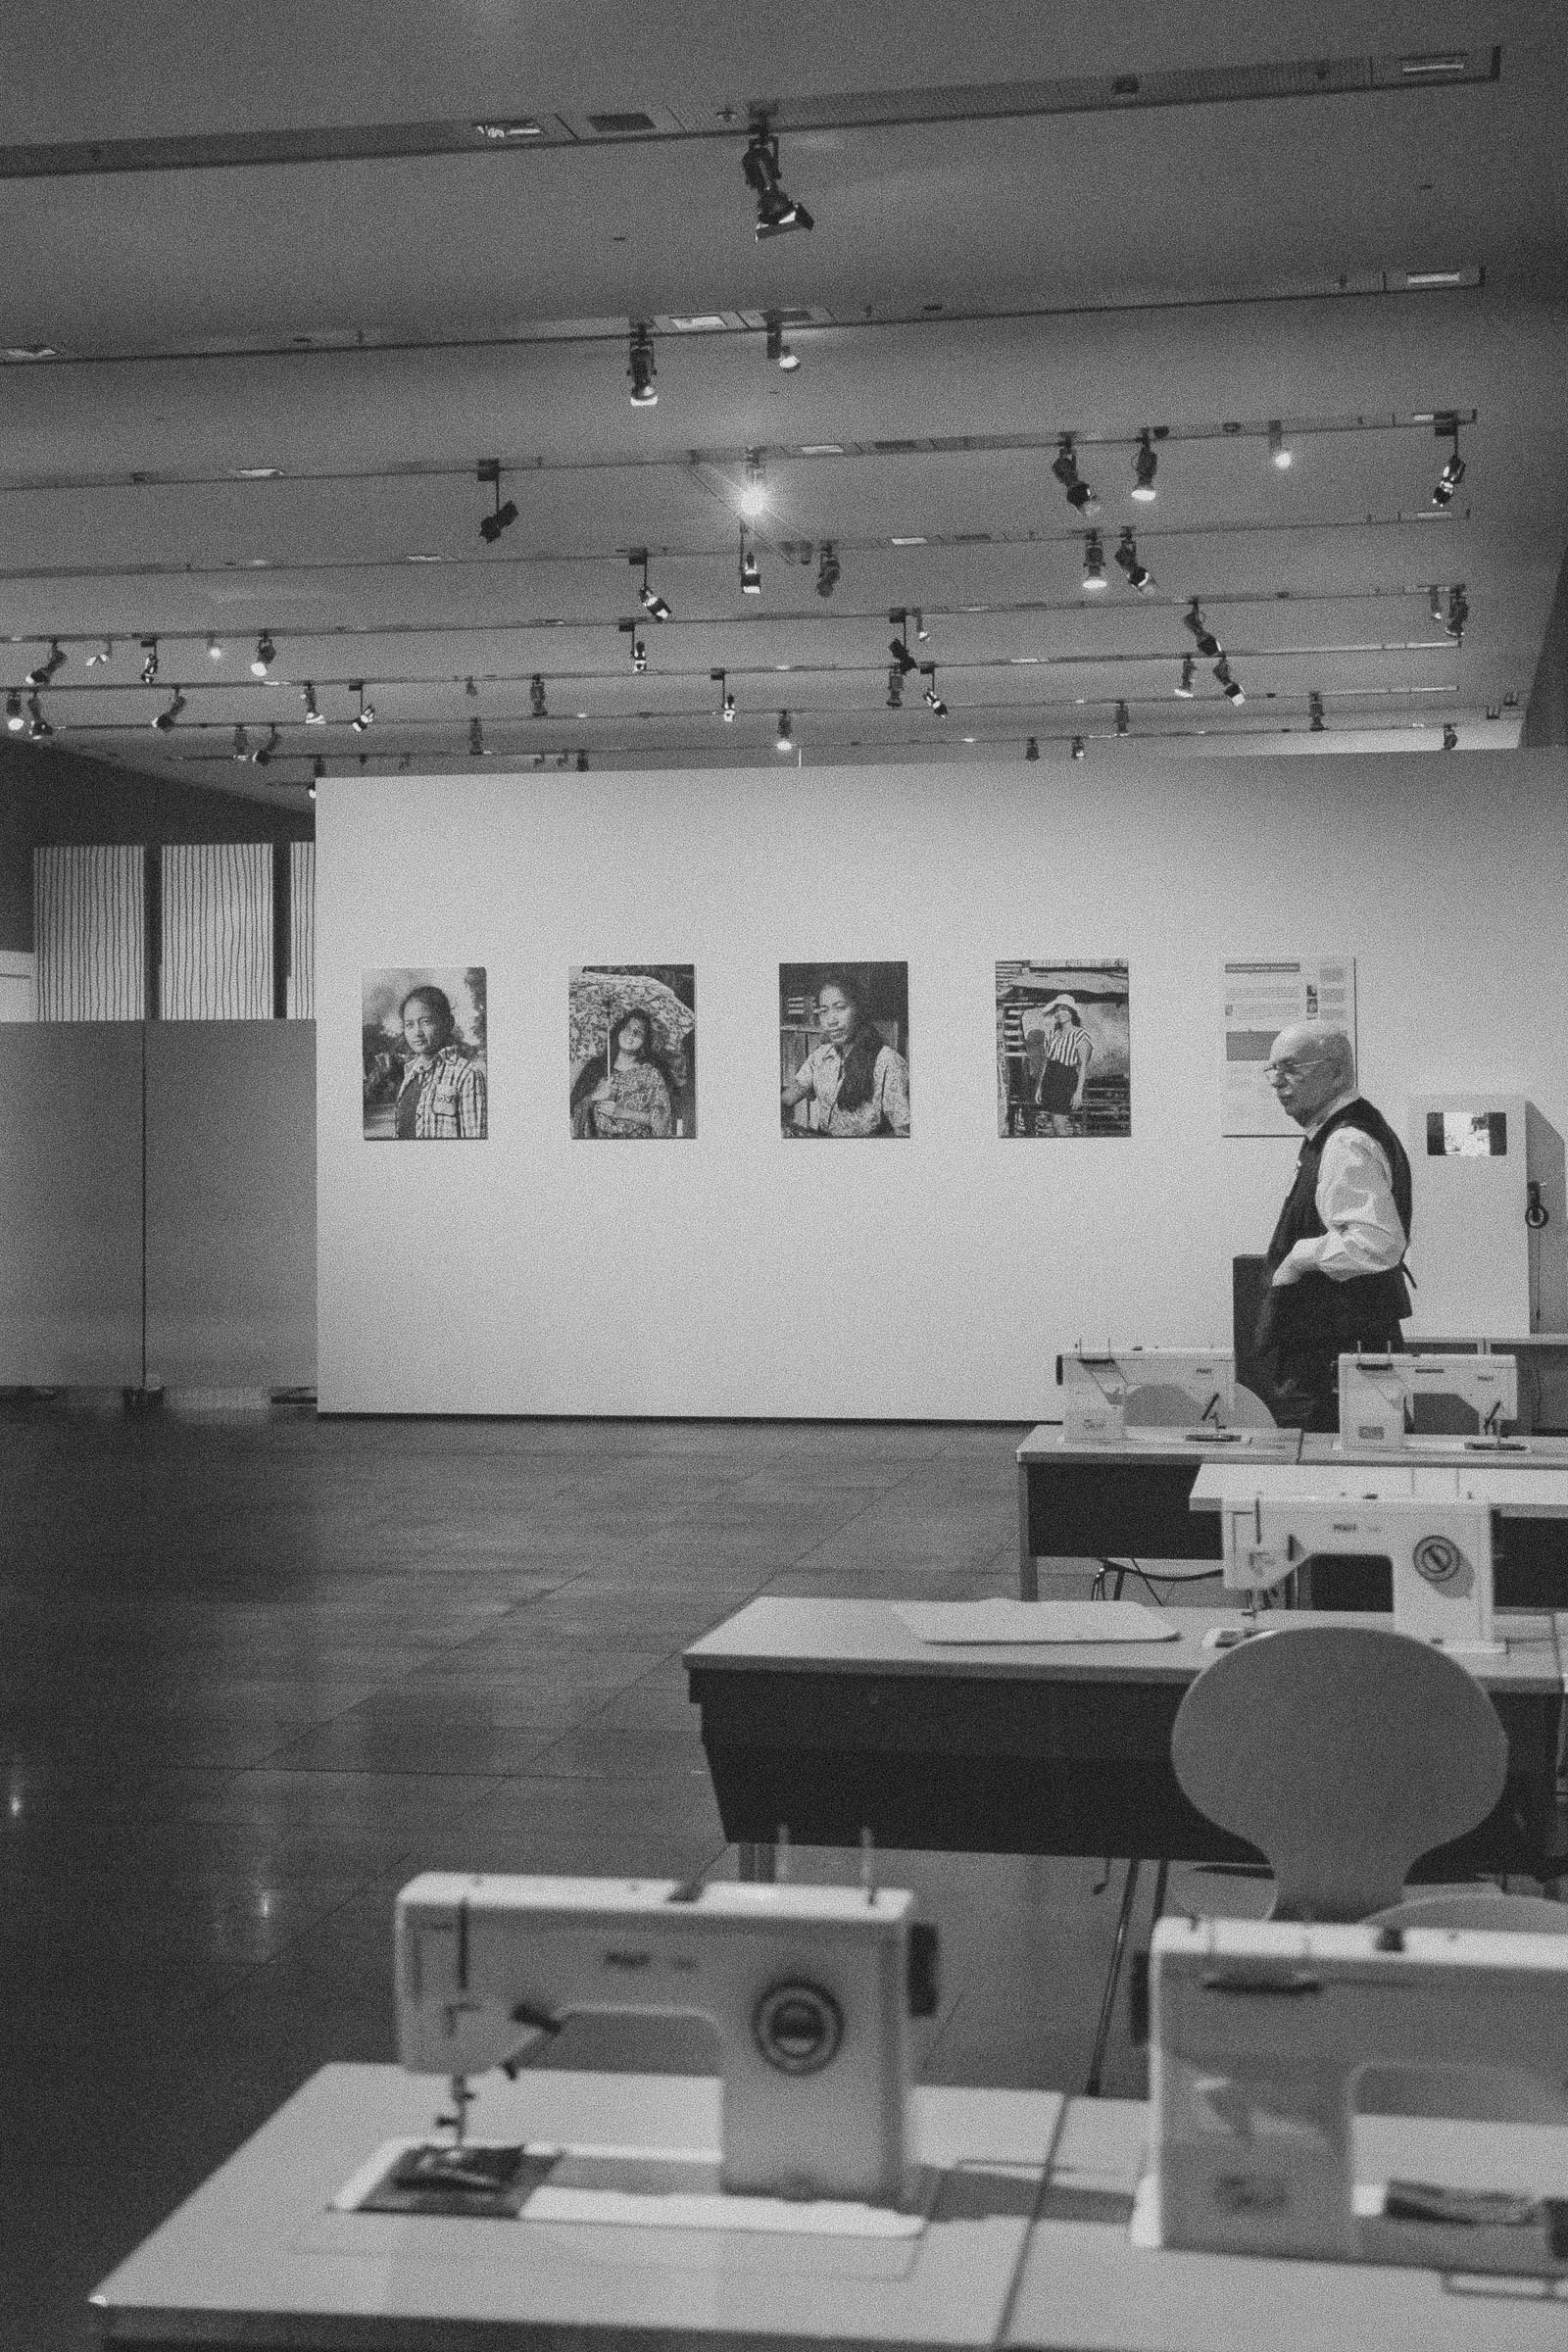 fairliebteuch-modenschau-fair-fashion-koeln-rautenstrauch-joest-museum (1 von 44)